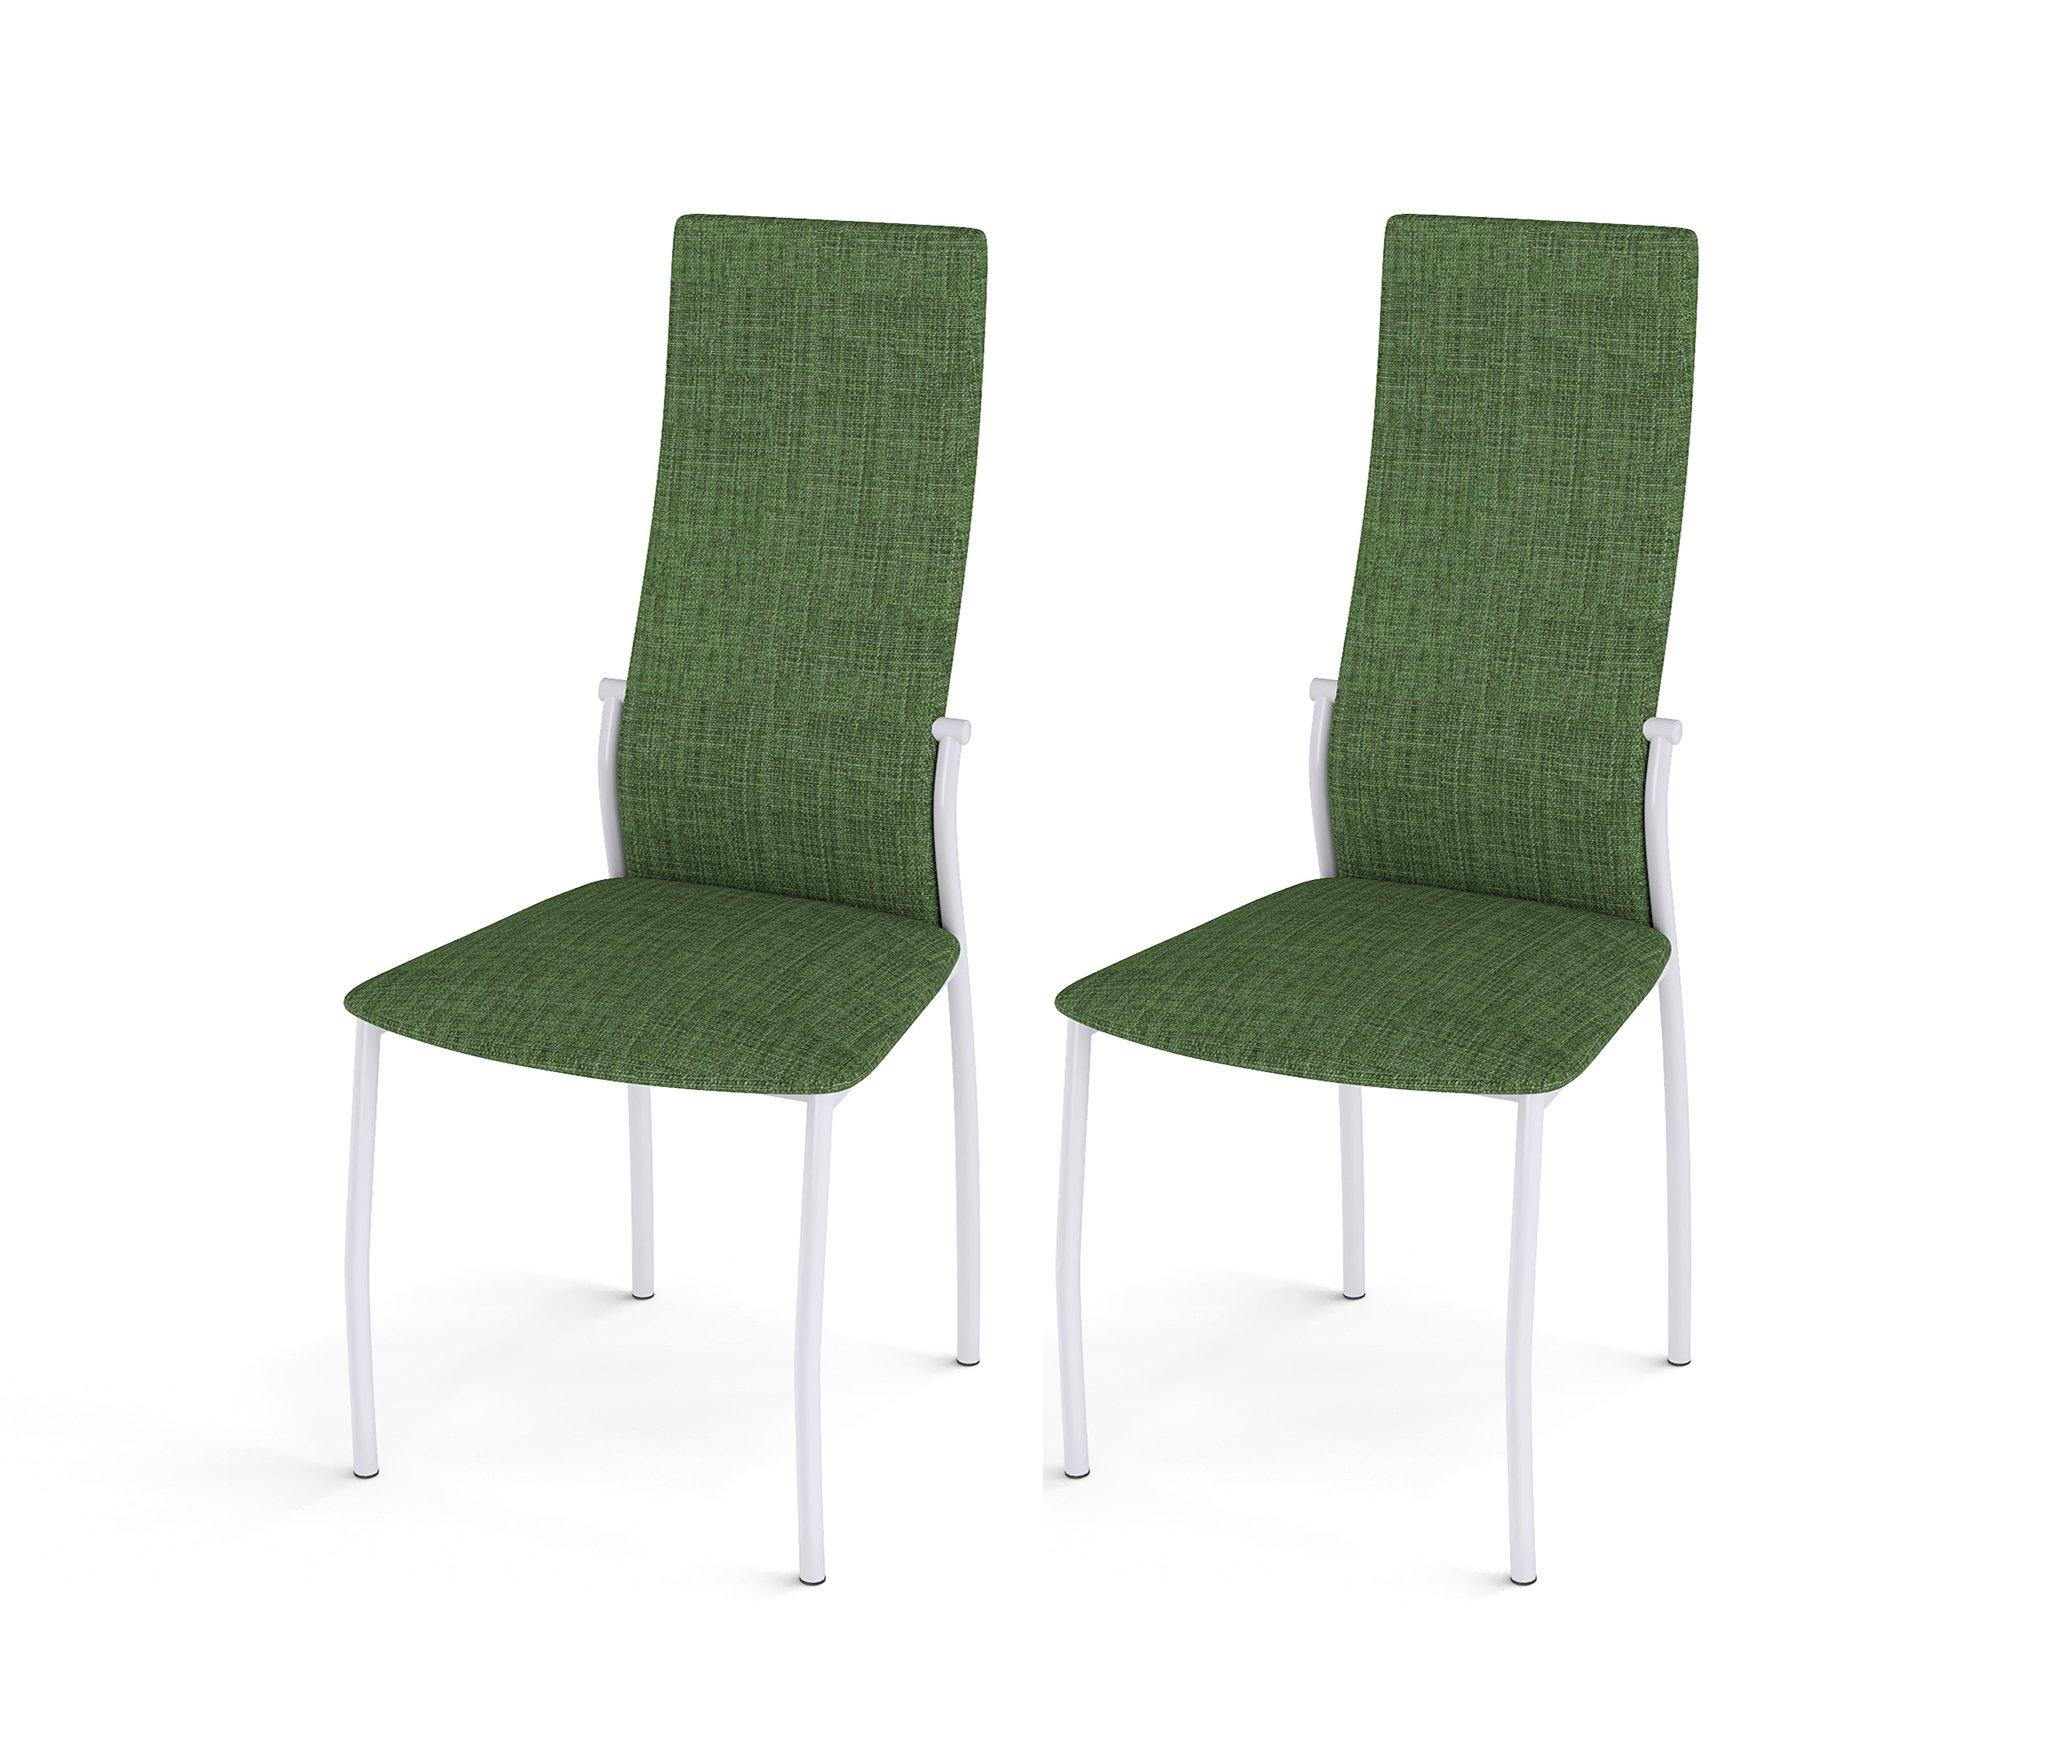 Стул Галс белый каркас /ткань №16 зеленый (в комплекте 2 шт.) недорого